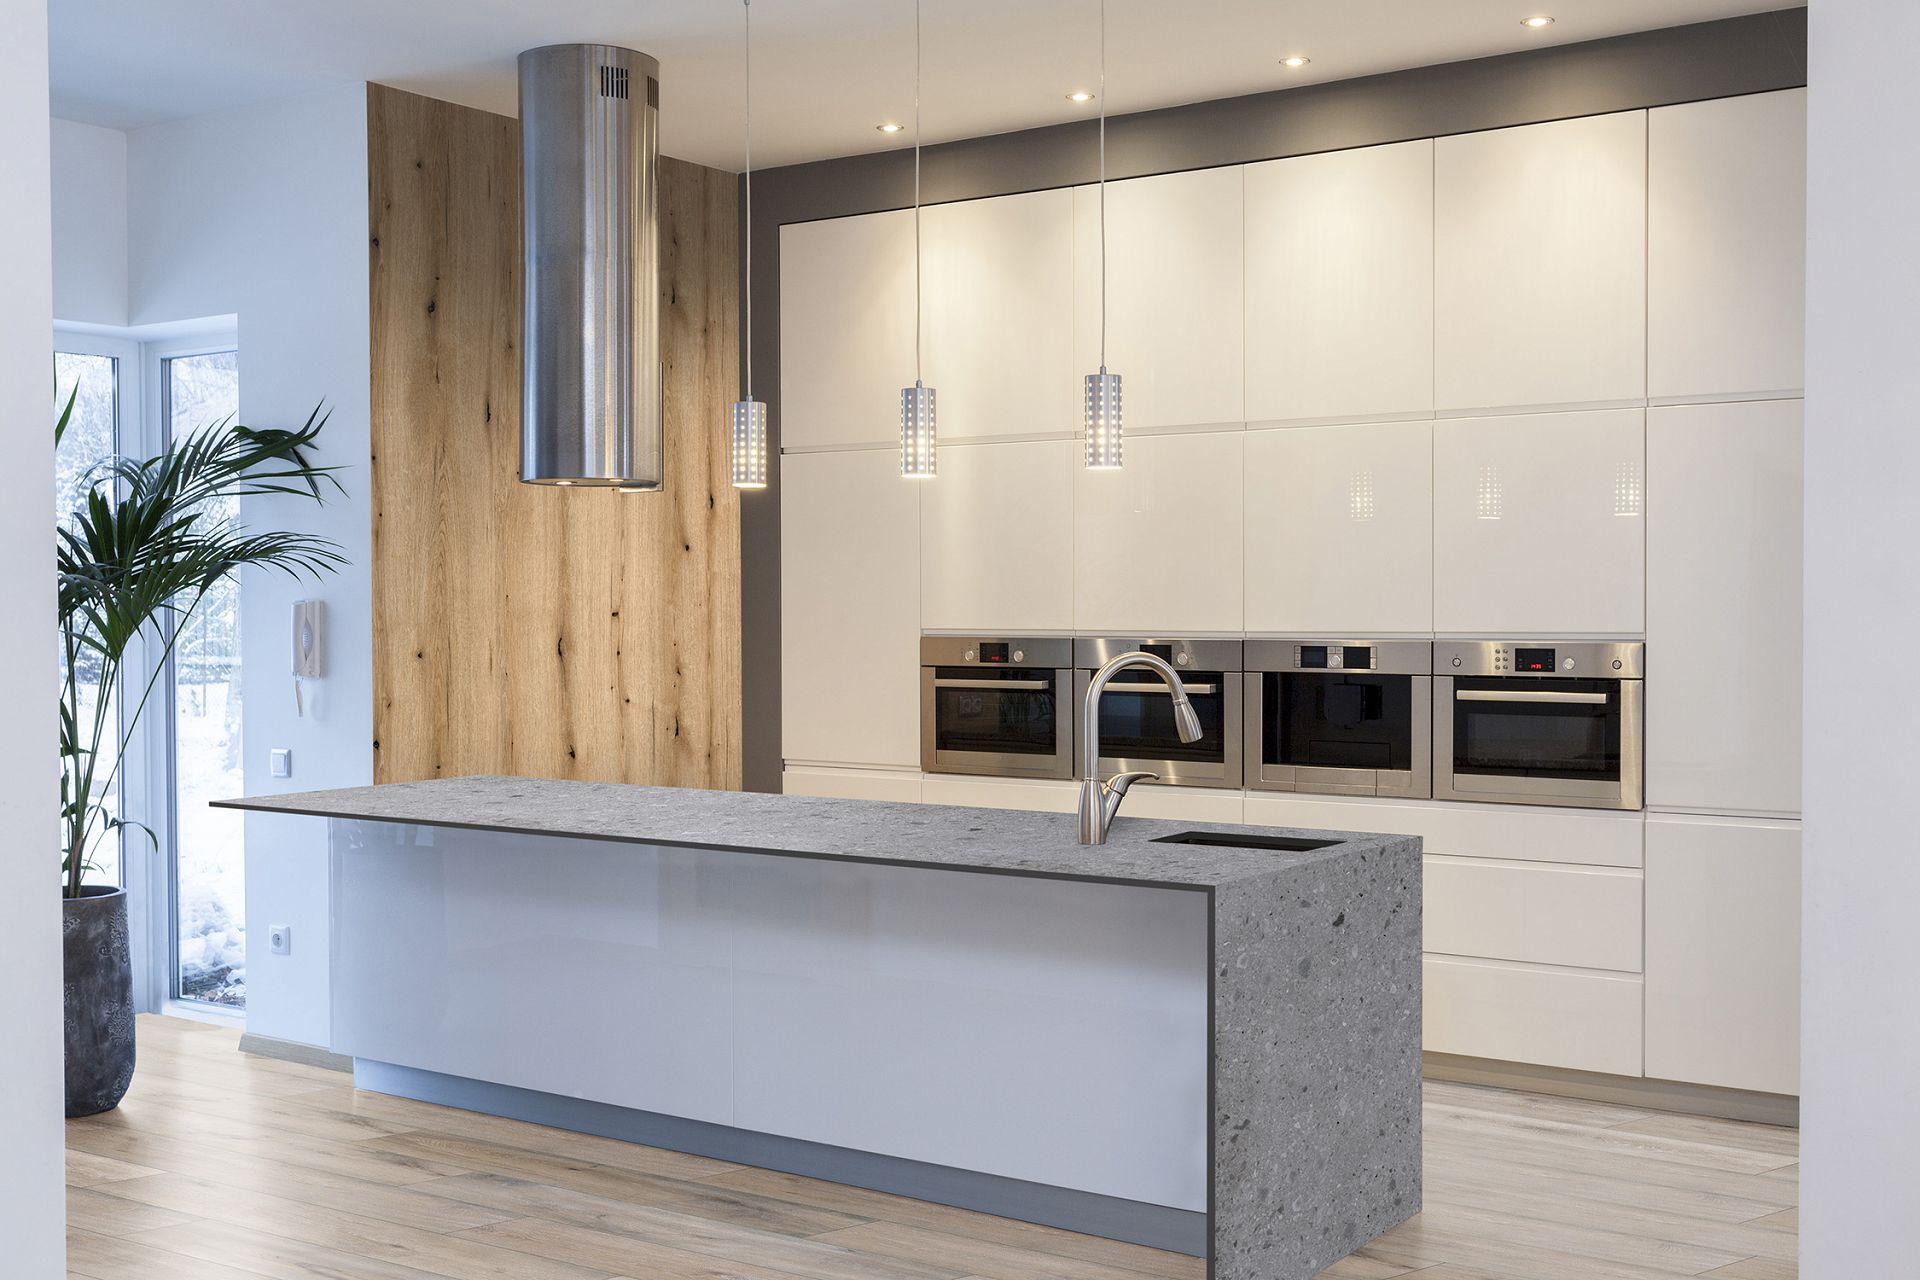 Szybki remont kuchni i łazienki z produktami Kronospan